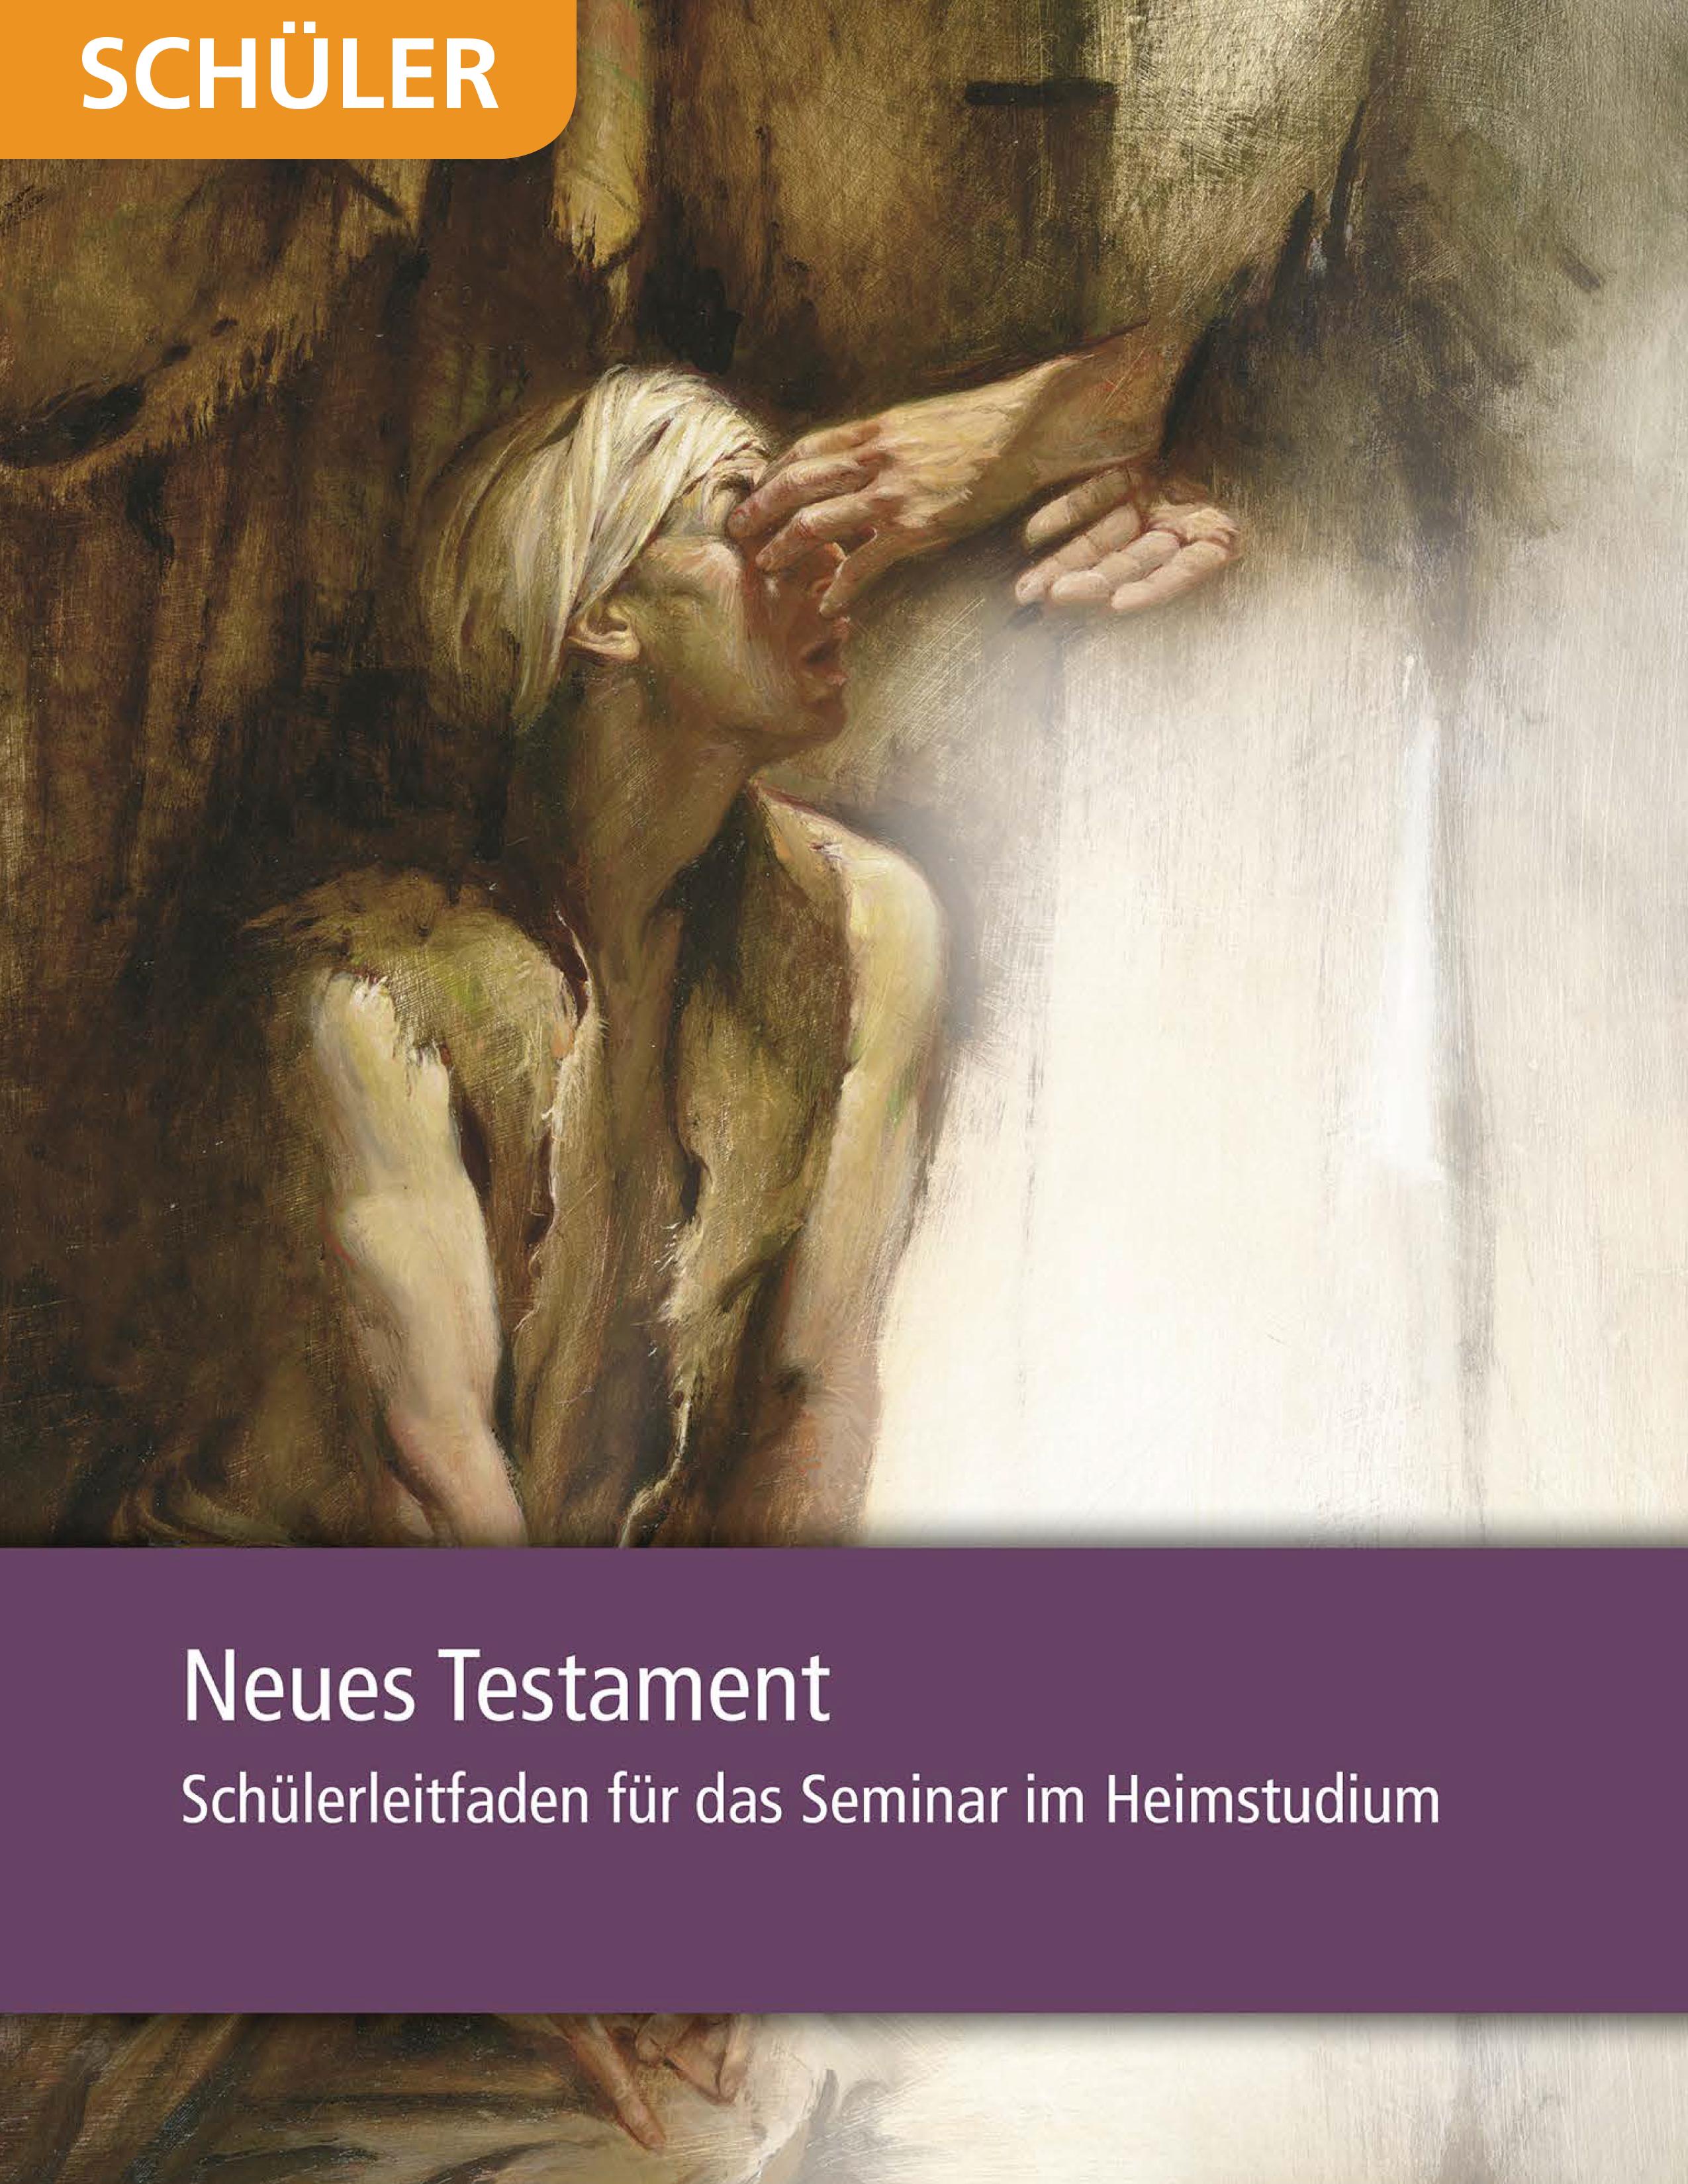 Neues Testament– Schülerleitfaden für das Seminar im Heimstudium